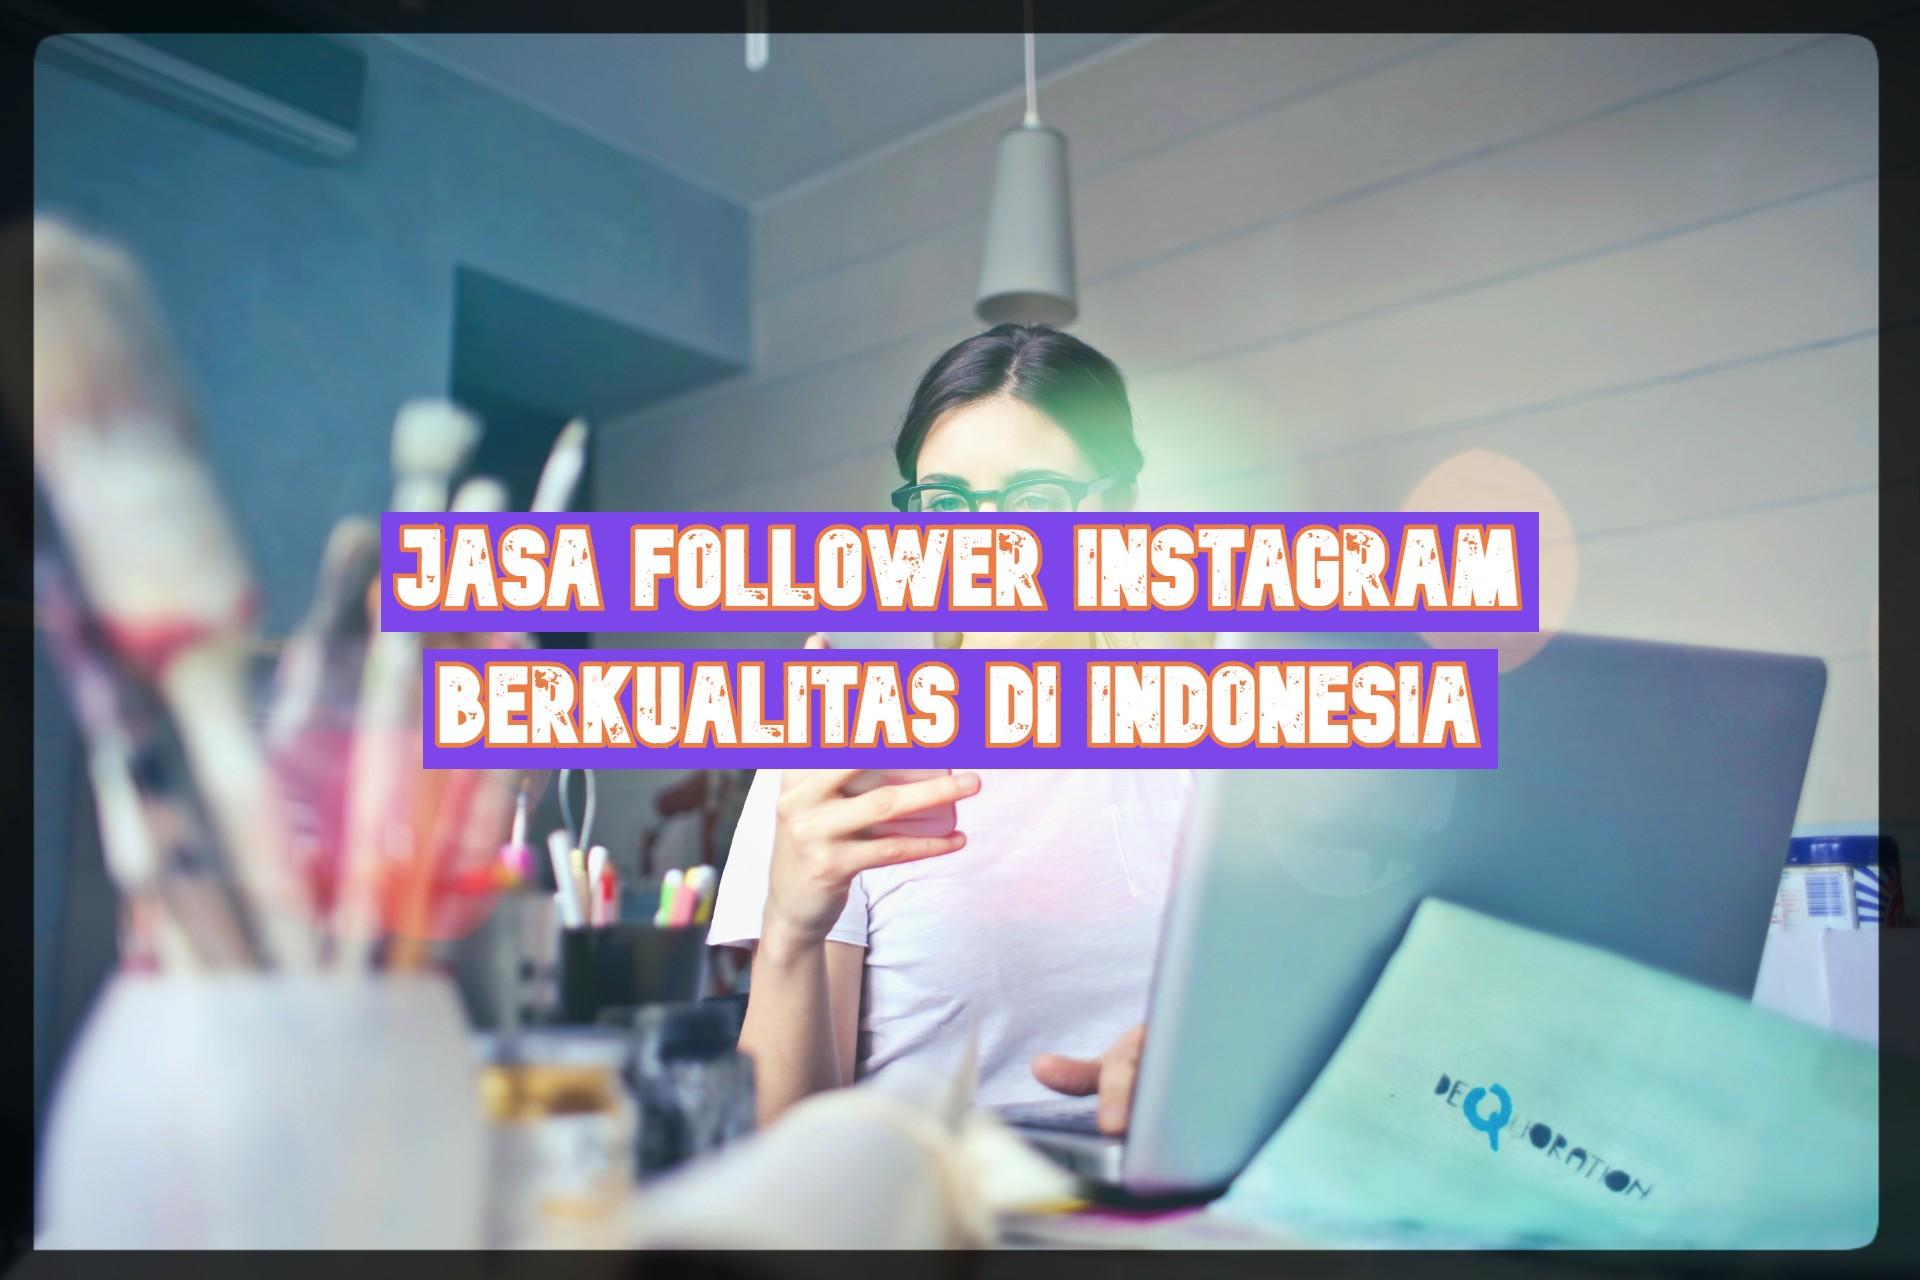 Jasa Follower Instagram Berkualitas di Indonesia